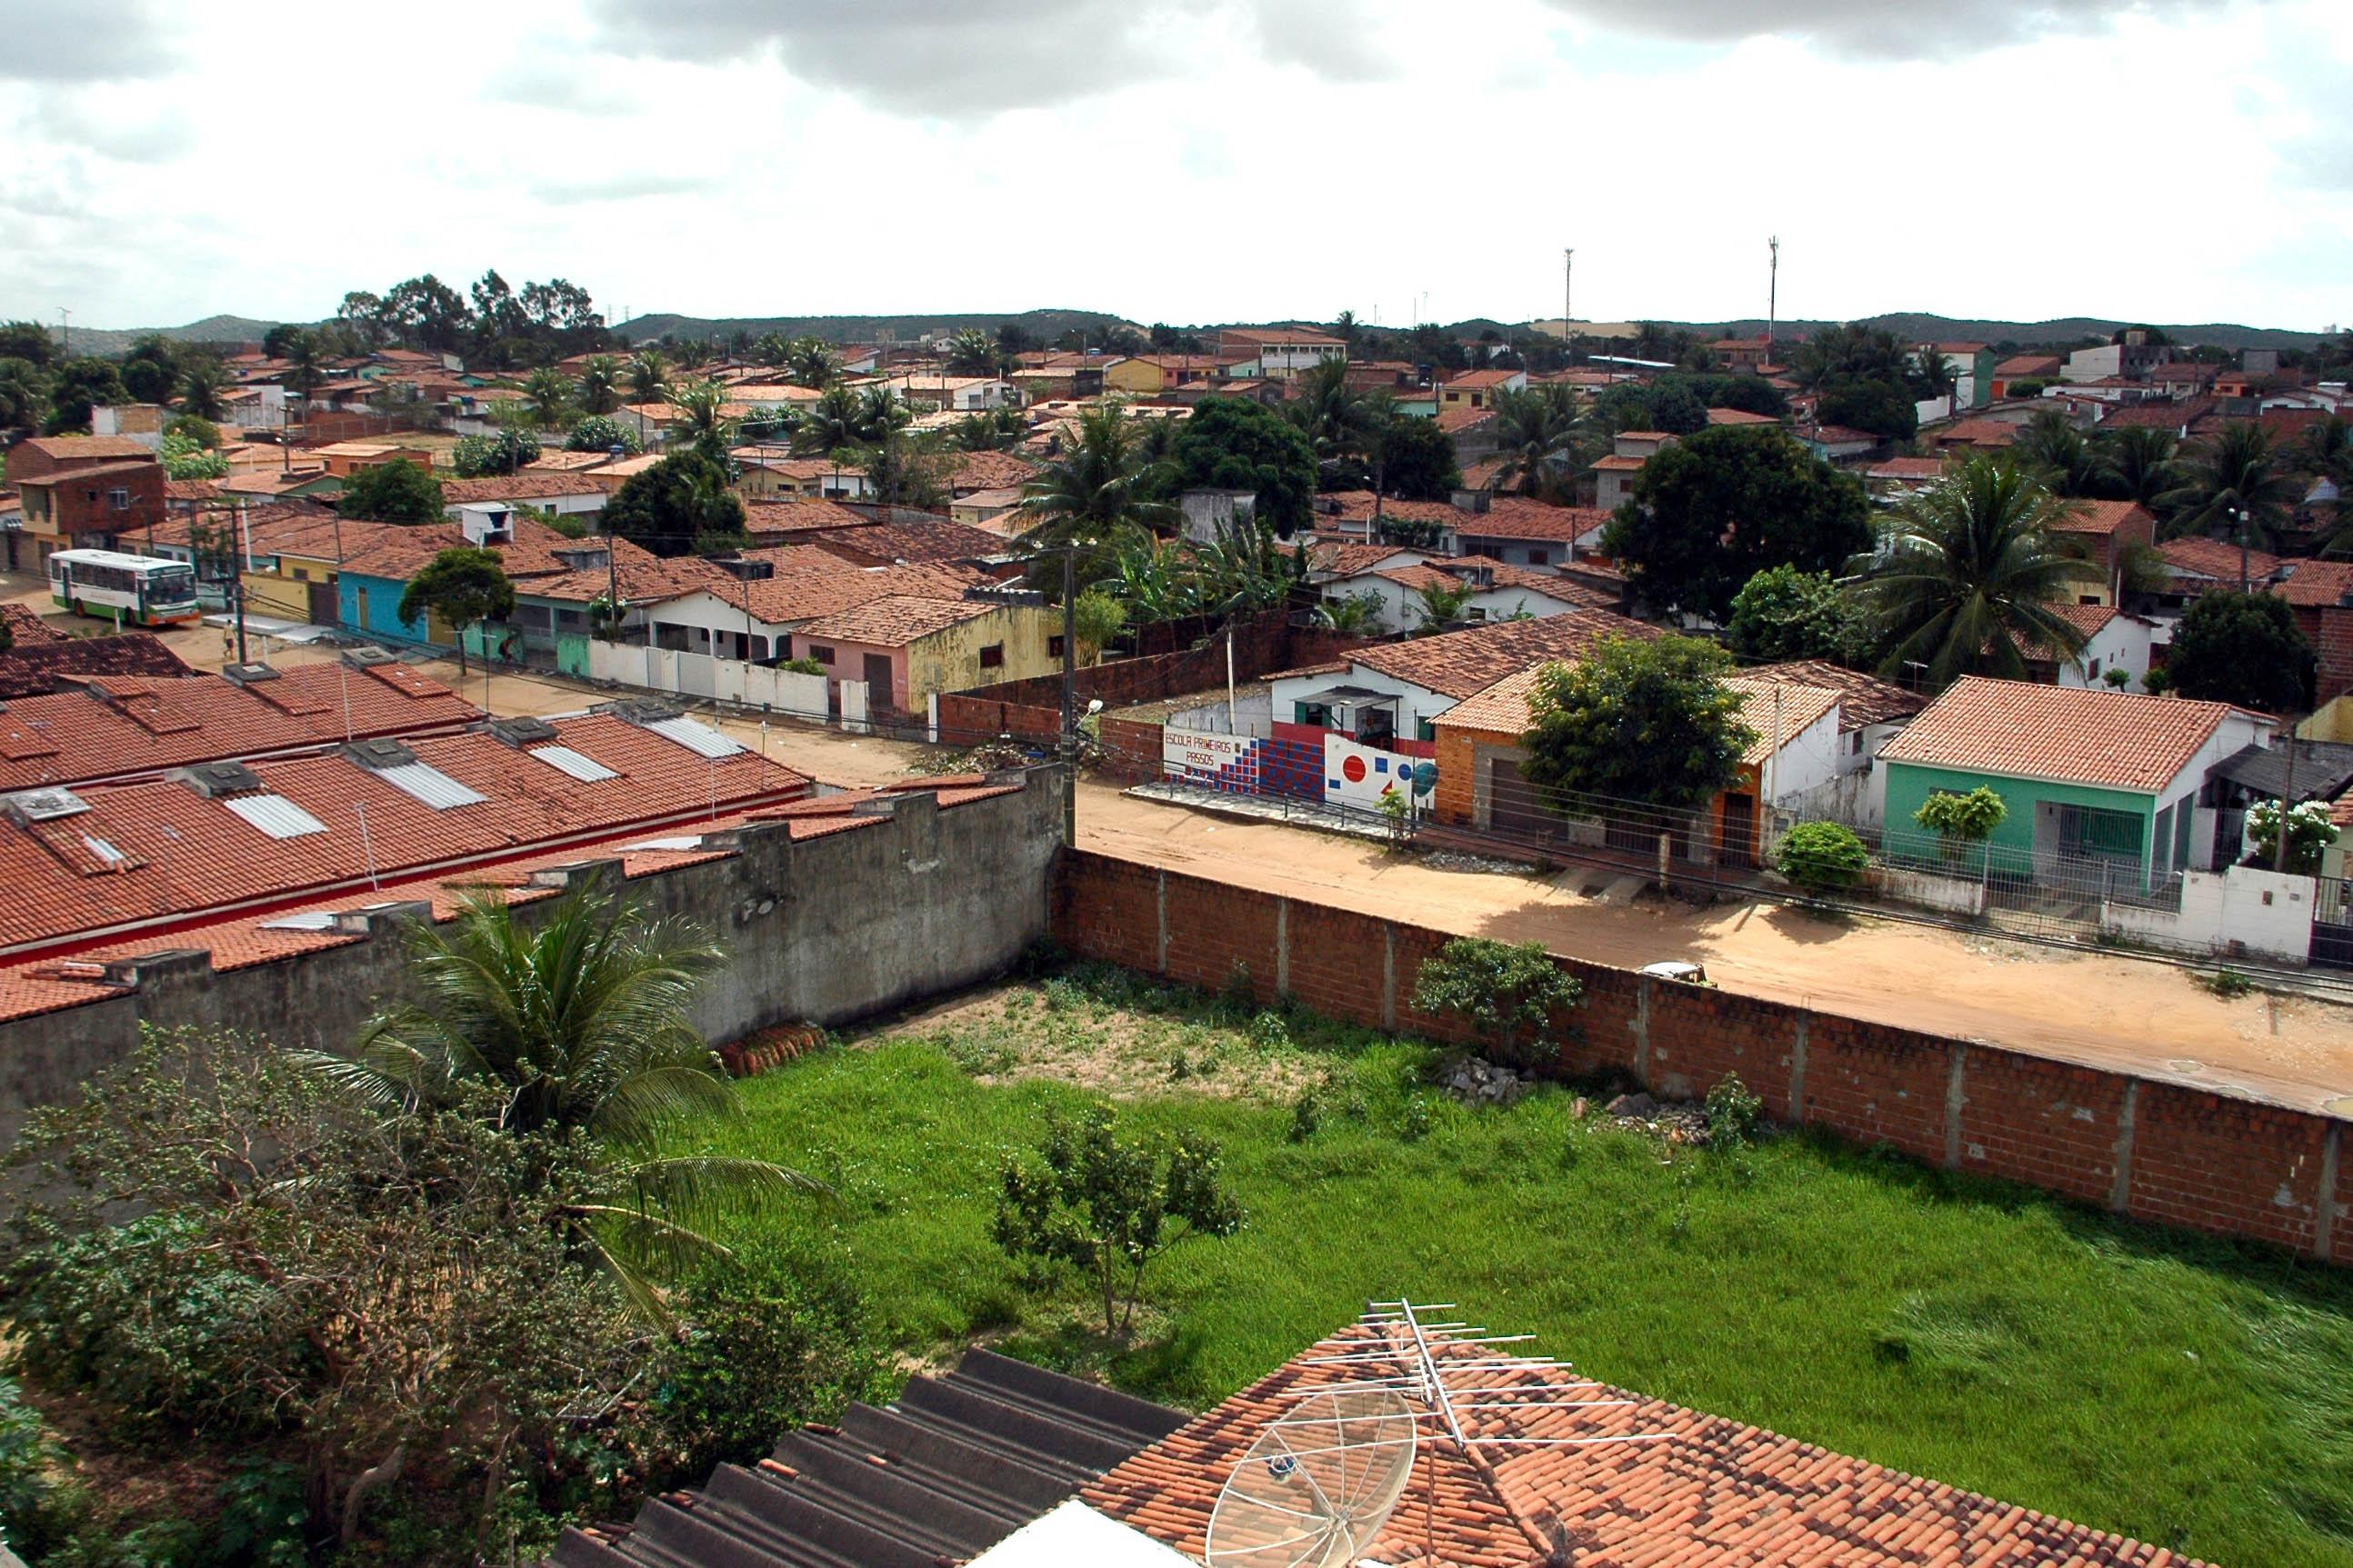 Moradores cobram melhoria na infraestrutura do Planalto, bairro atualmente com 31.206 habitantes, que recebeu altos investimentos privados nos últimos anos e continua em processo de expansão